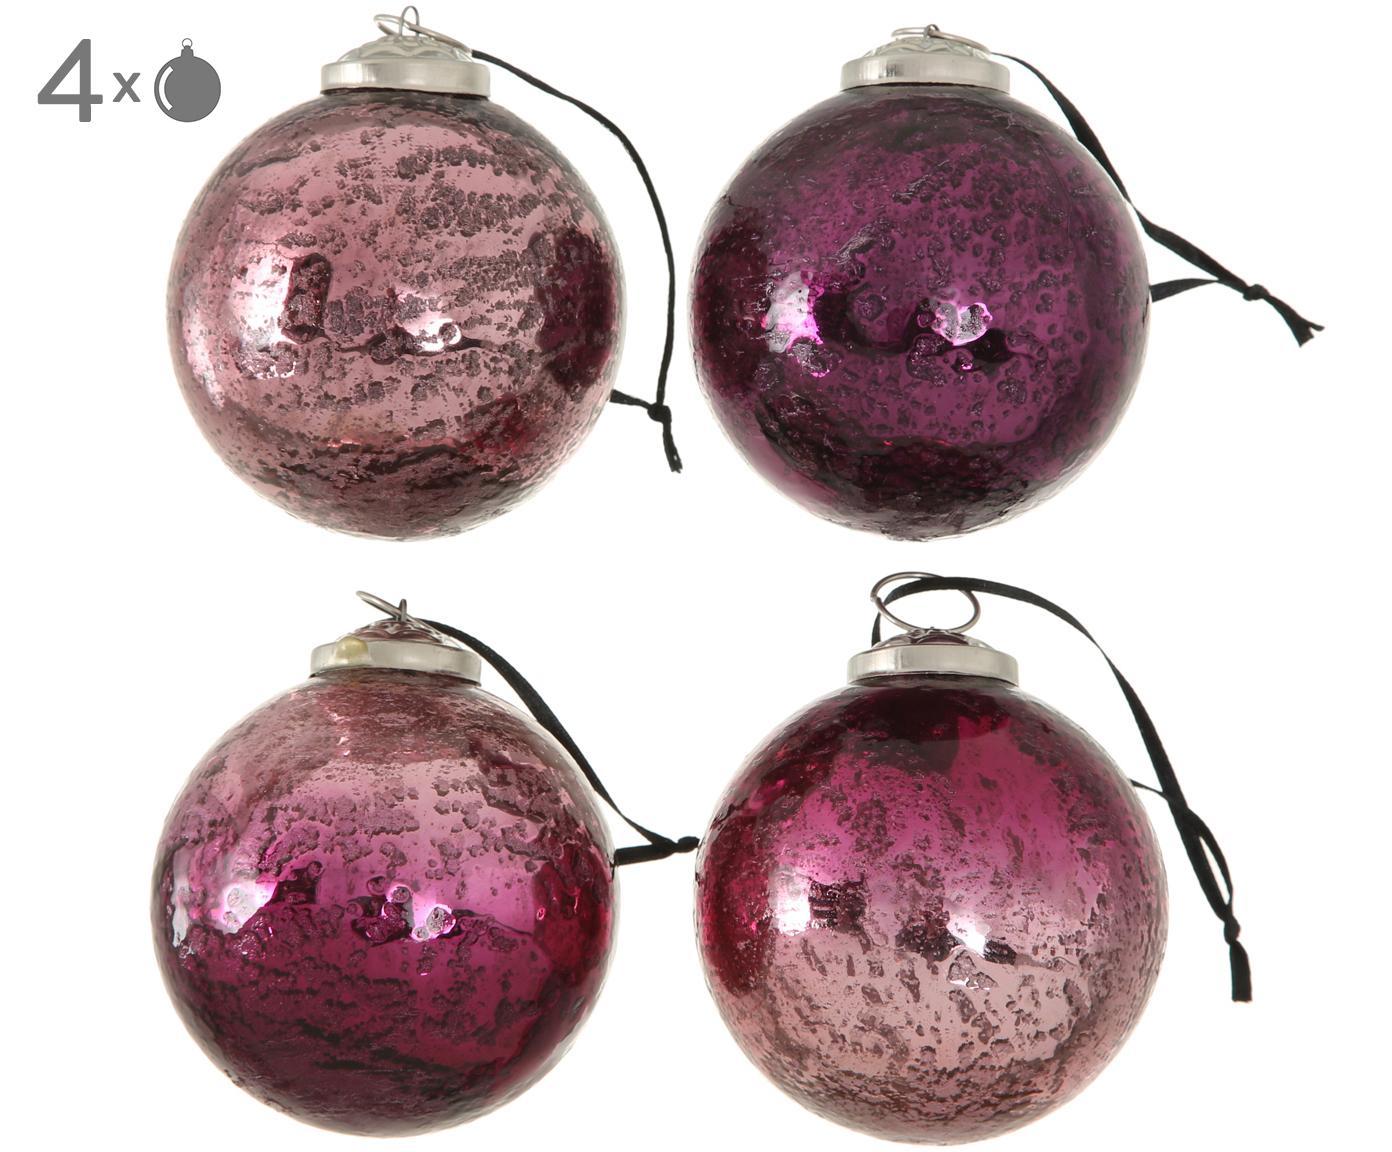 Set palle di natale Emilia, 4 pz., Tonalità rosa, lilla, Ø 8 cm